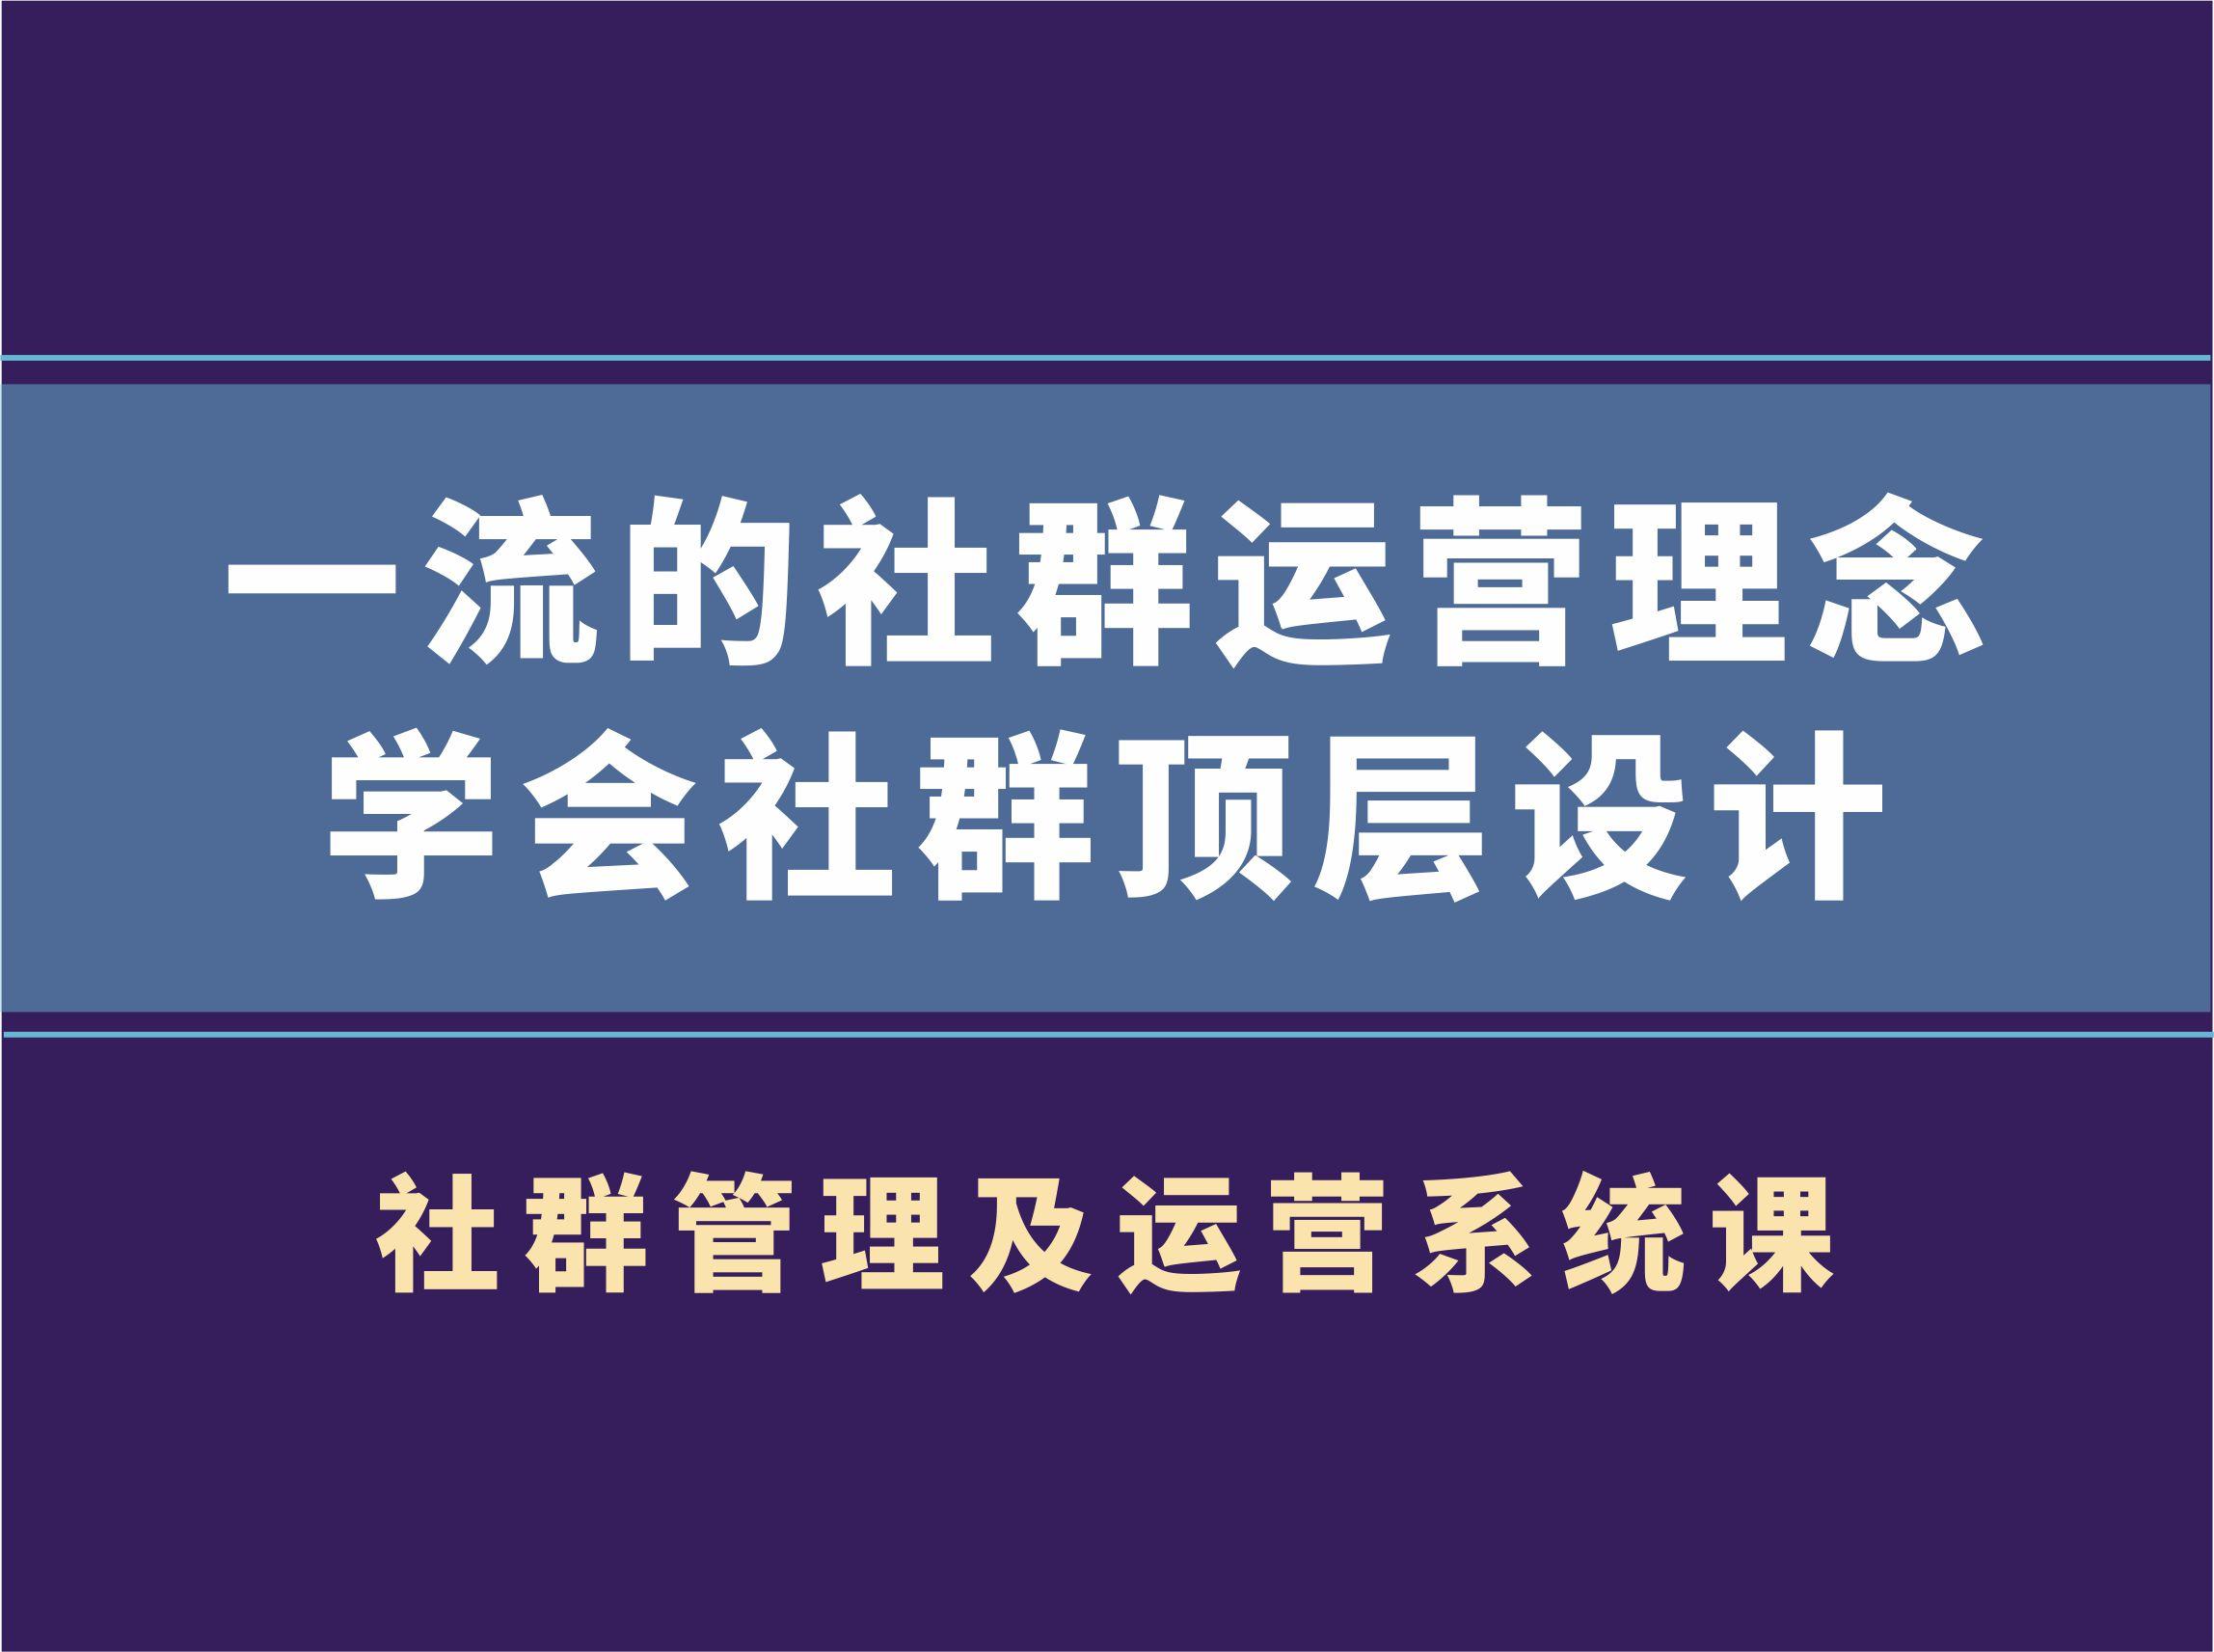 村西边老王·社群管理及运营系统课,价值899元插图